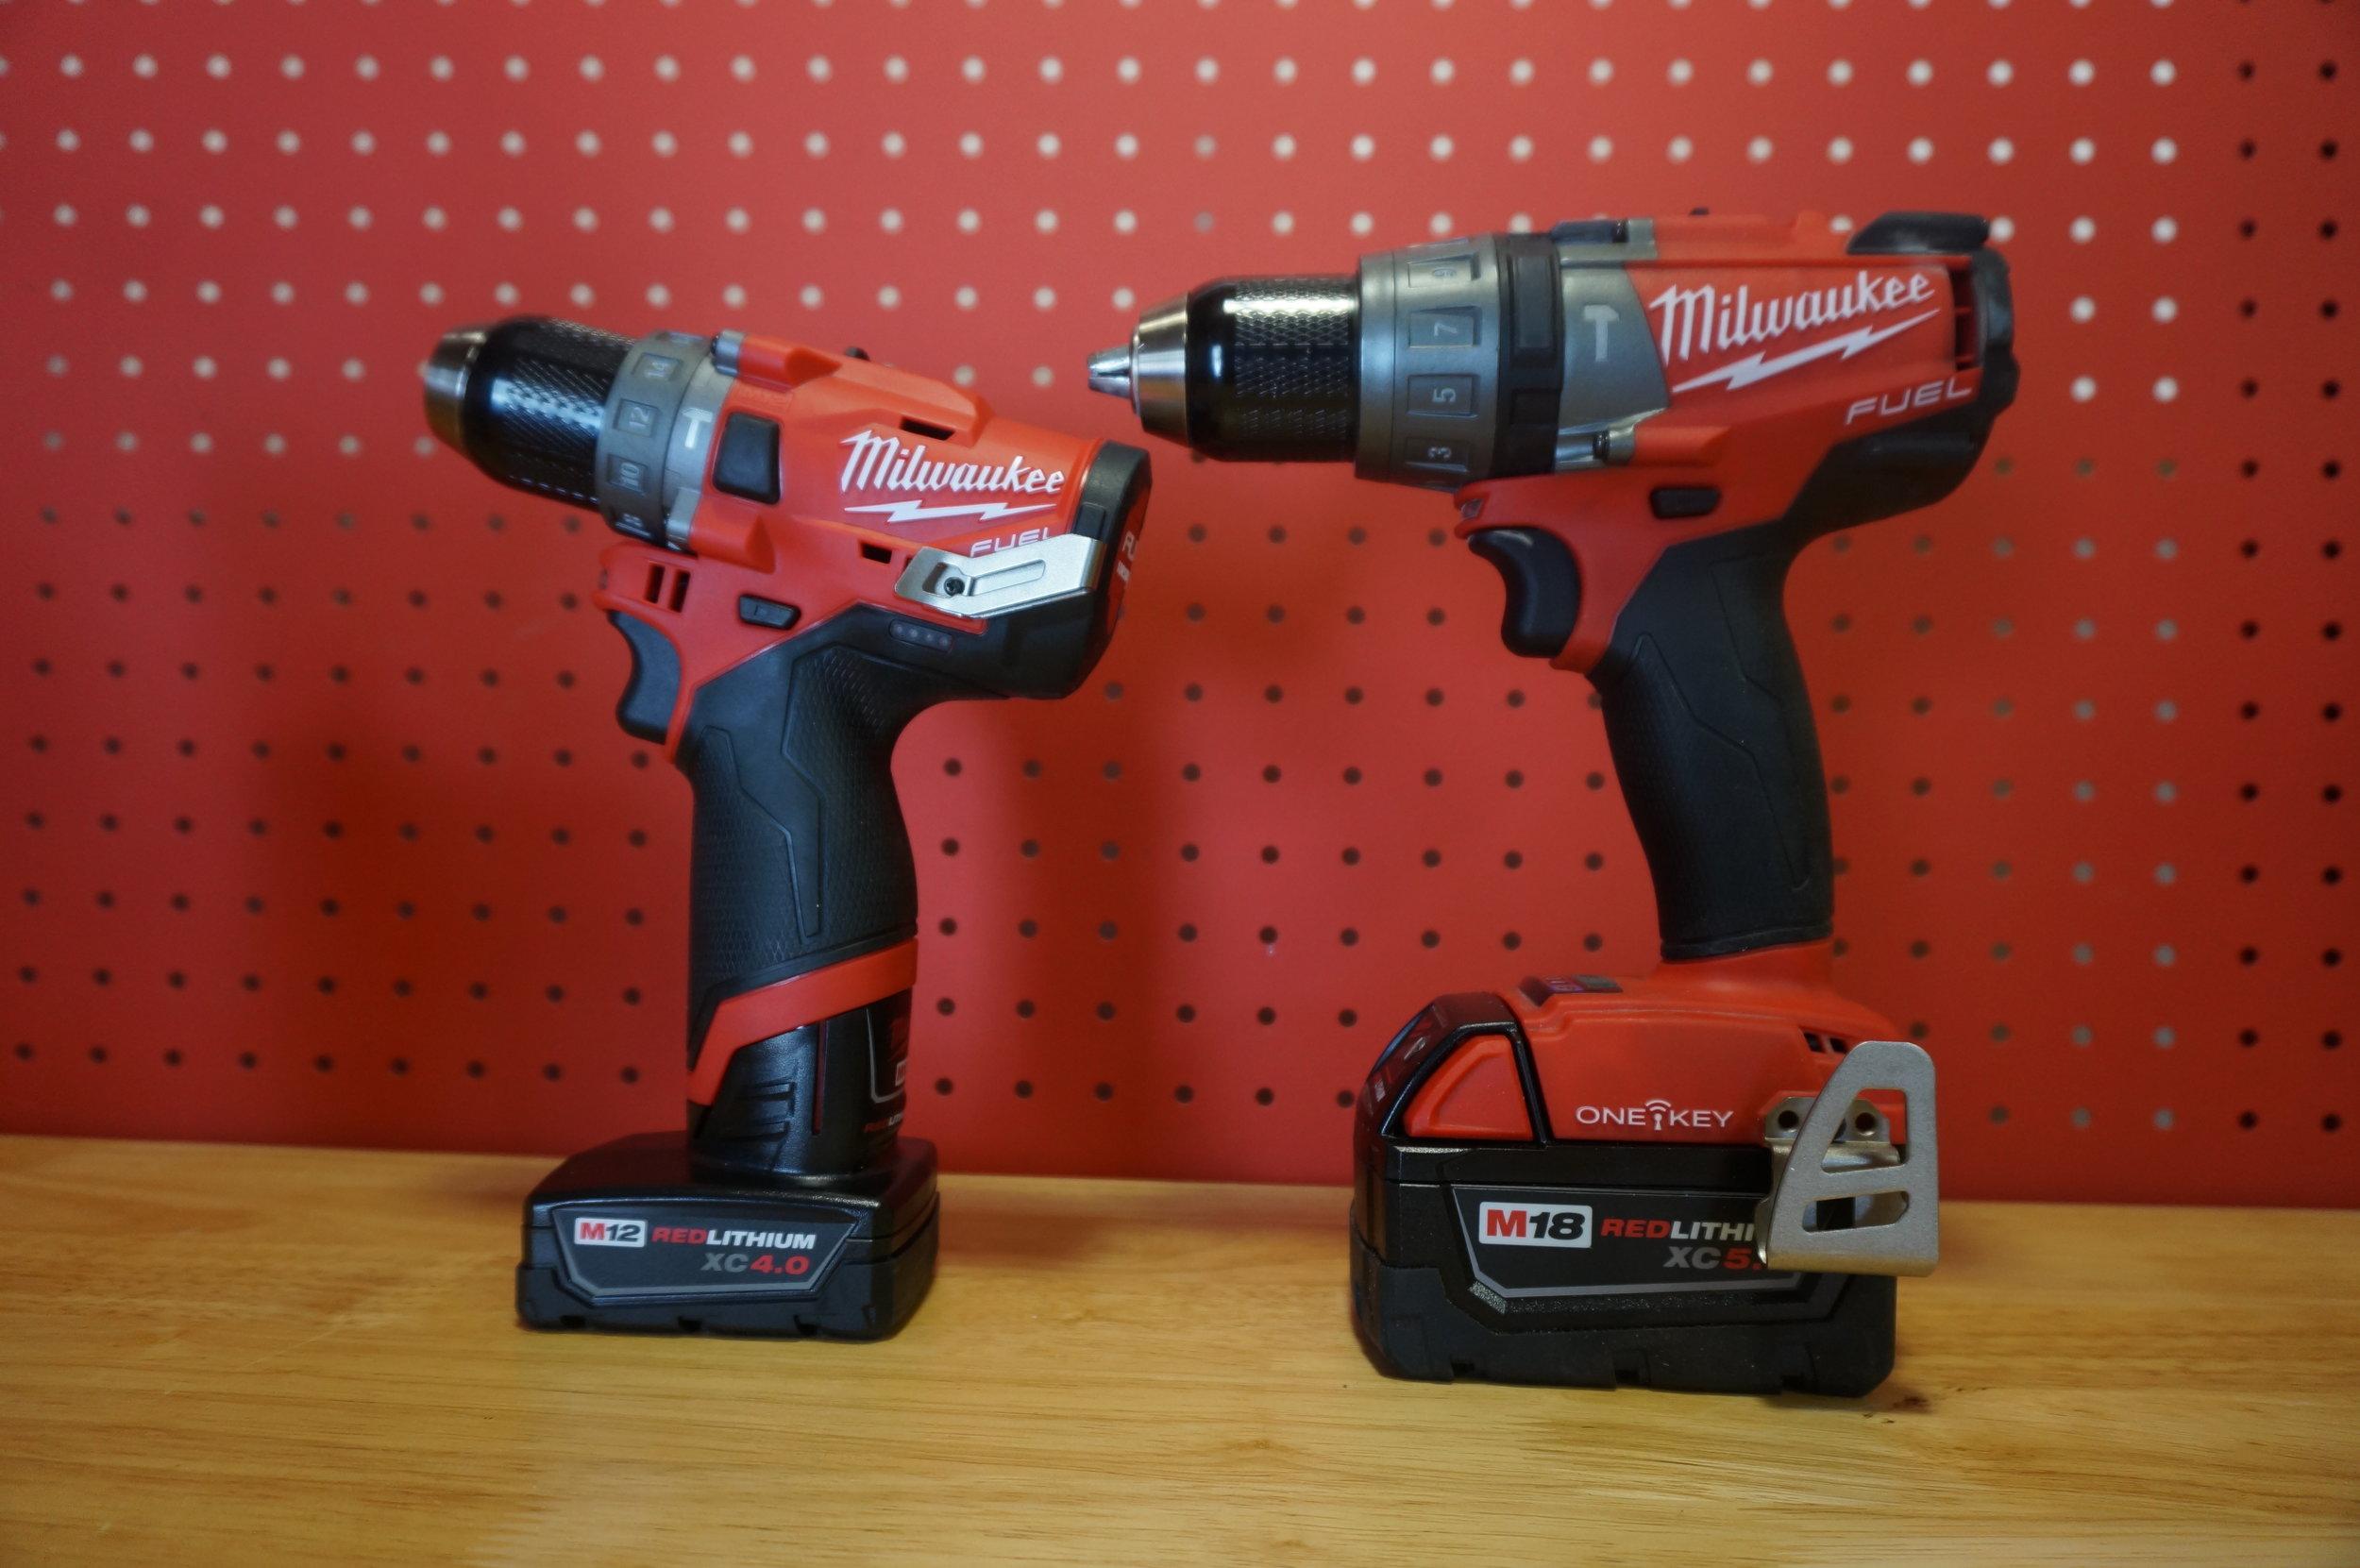 M12 Hammer Drill vs. M18 Hammerdrill